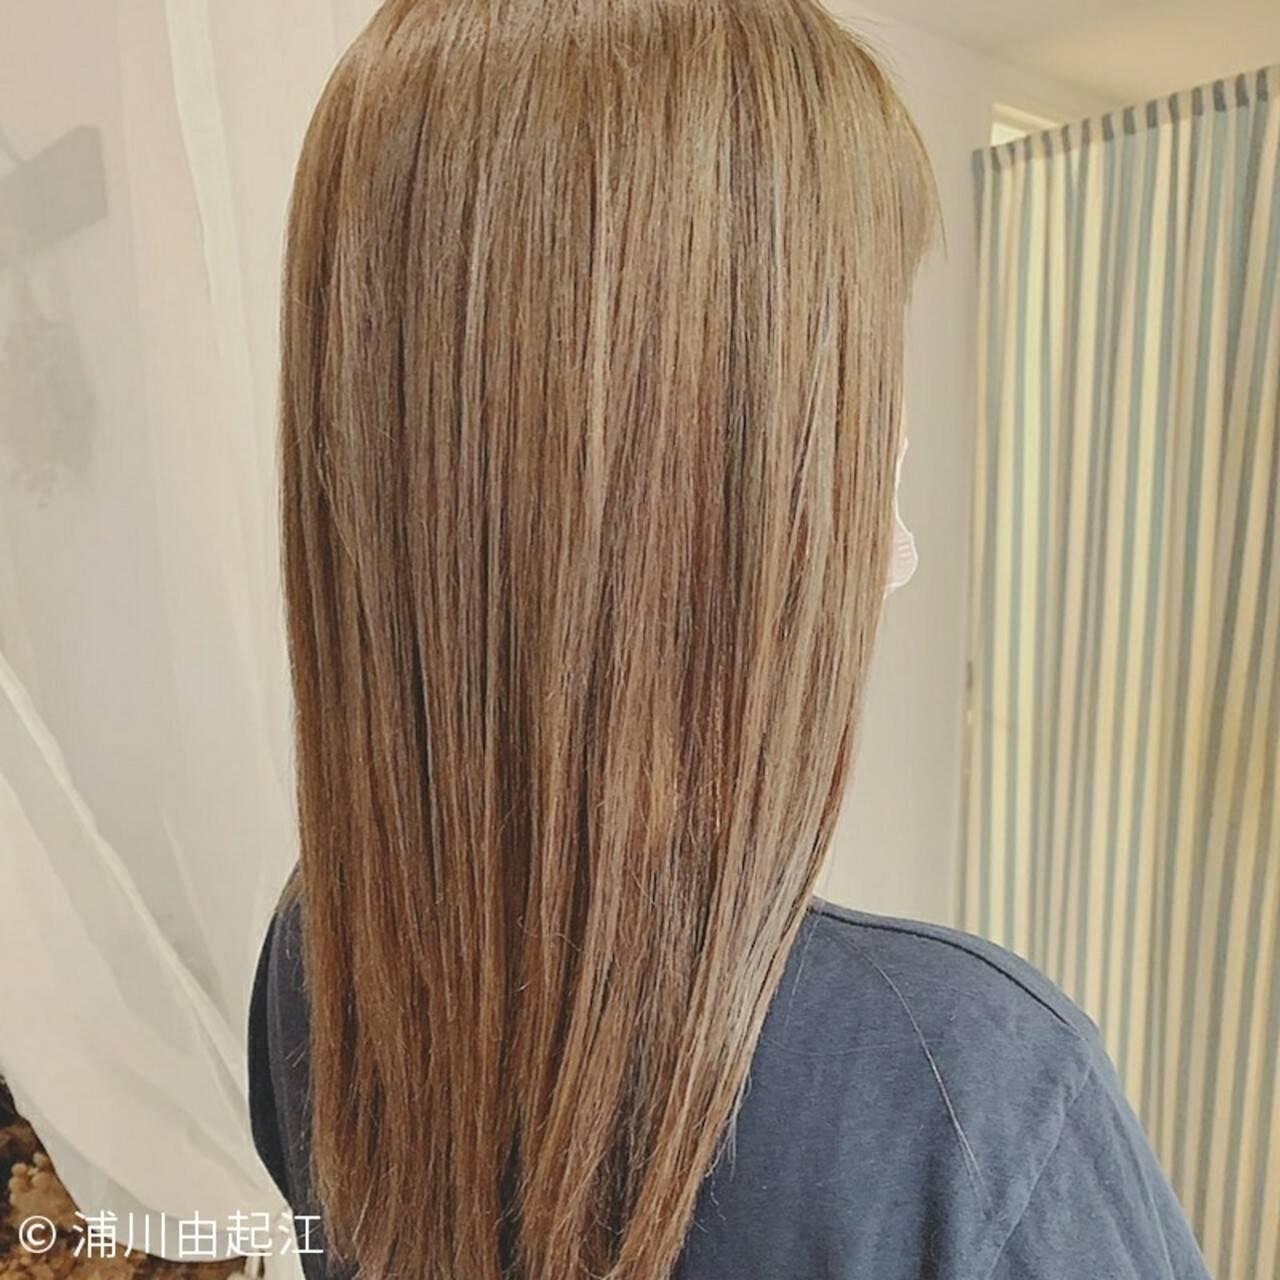 ストレート デート ナチュラル ハイライトヘアスタイルや髪型の写真・画像